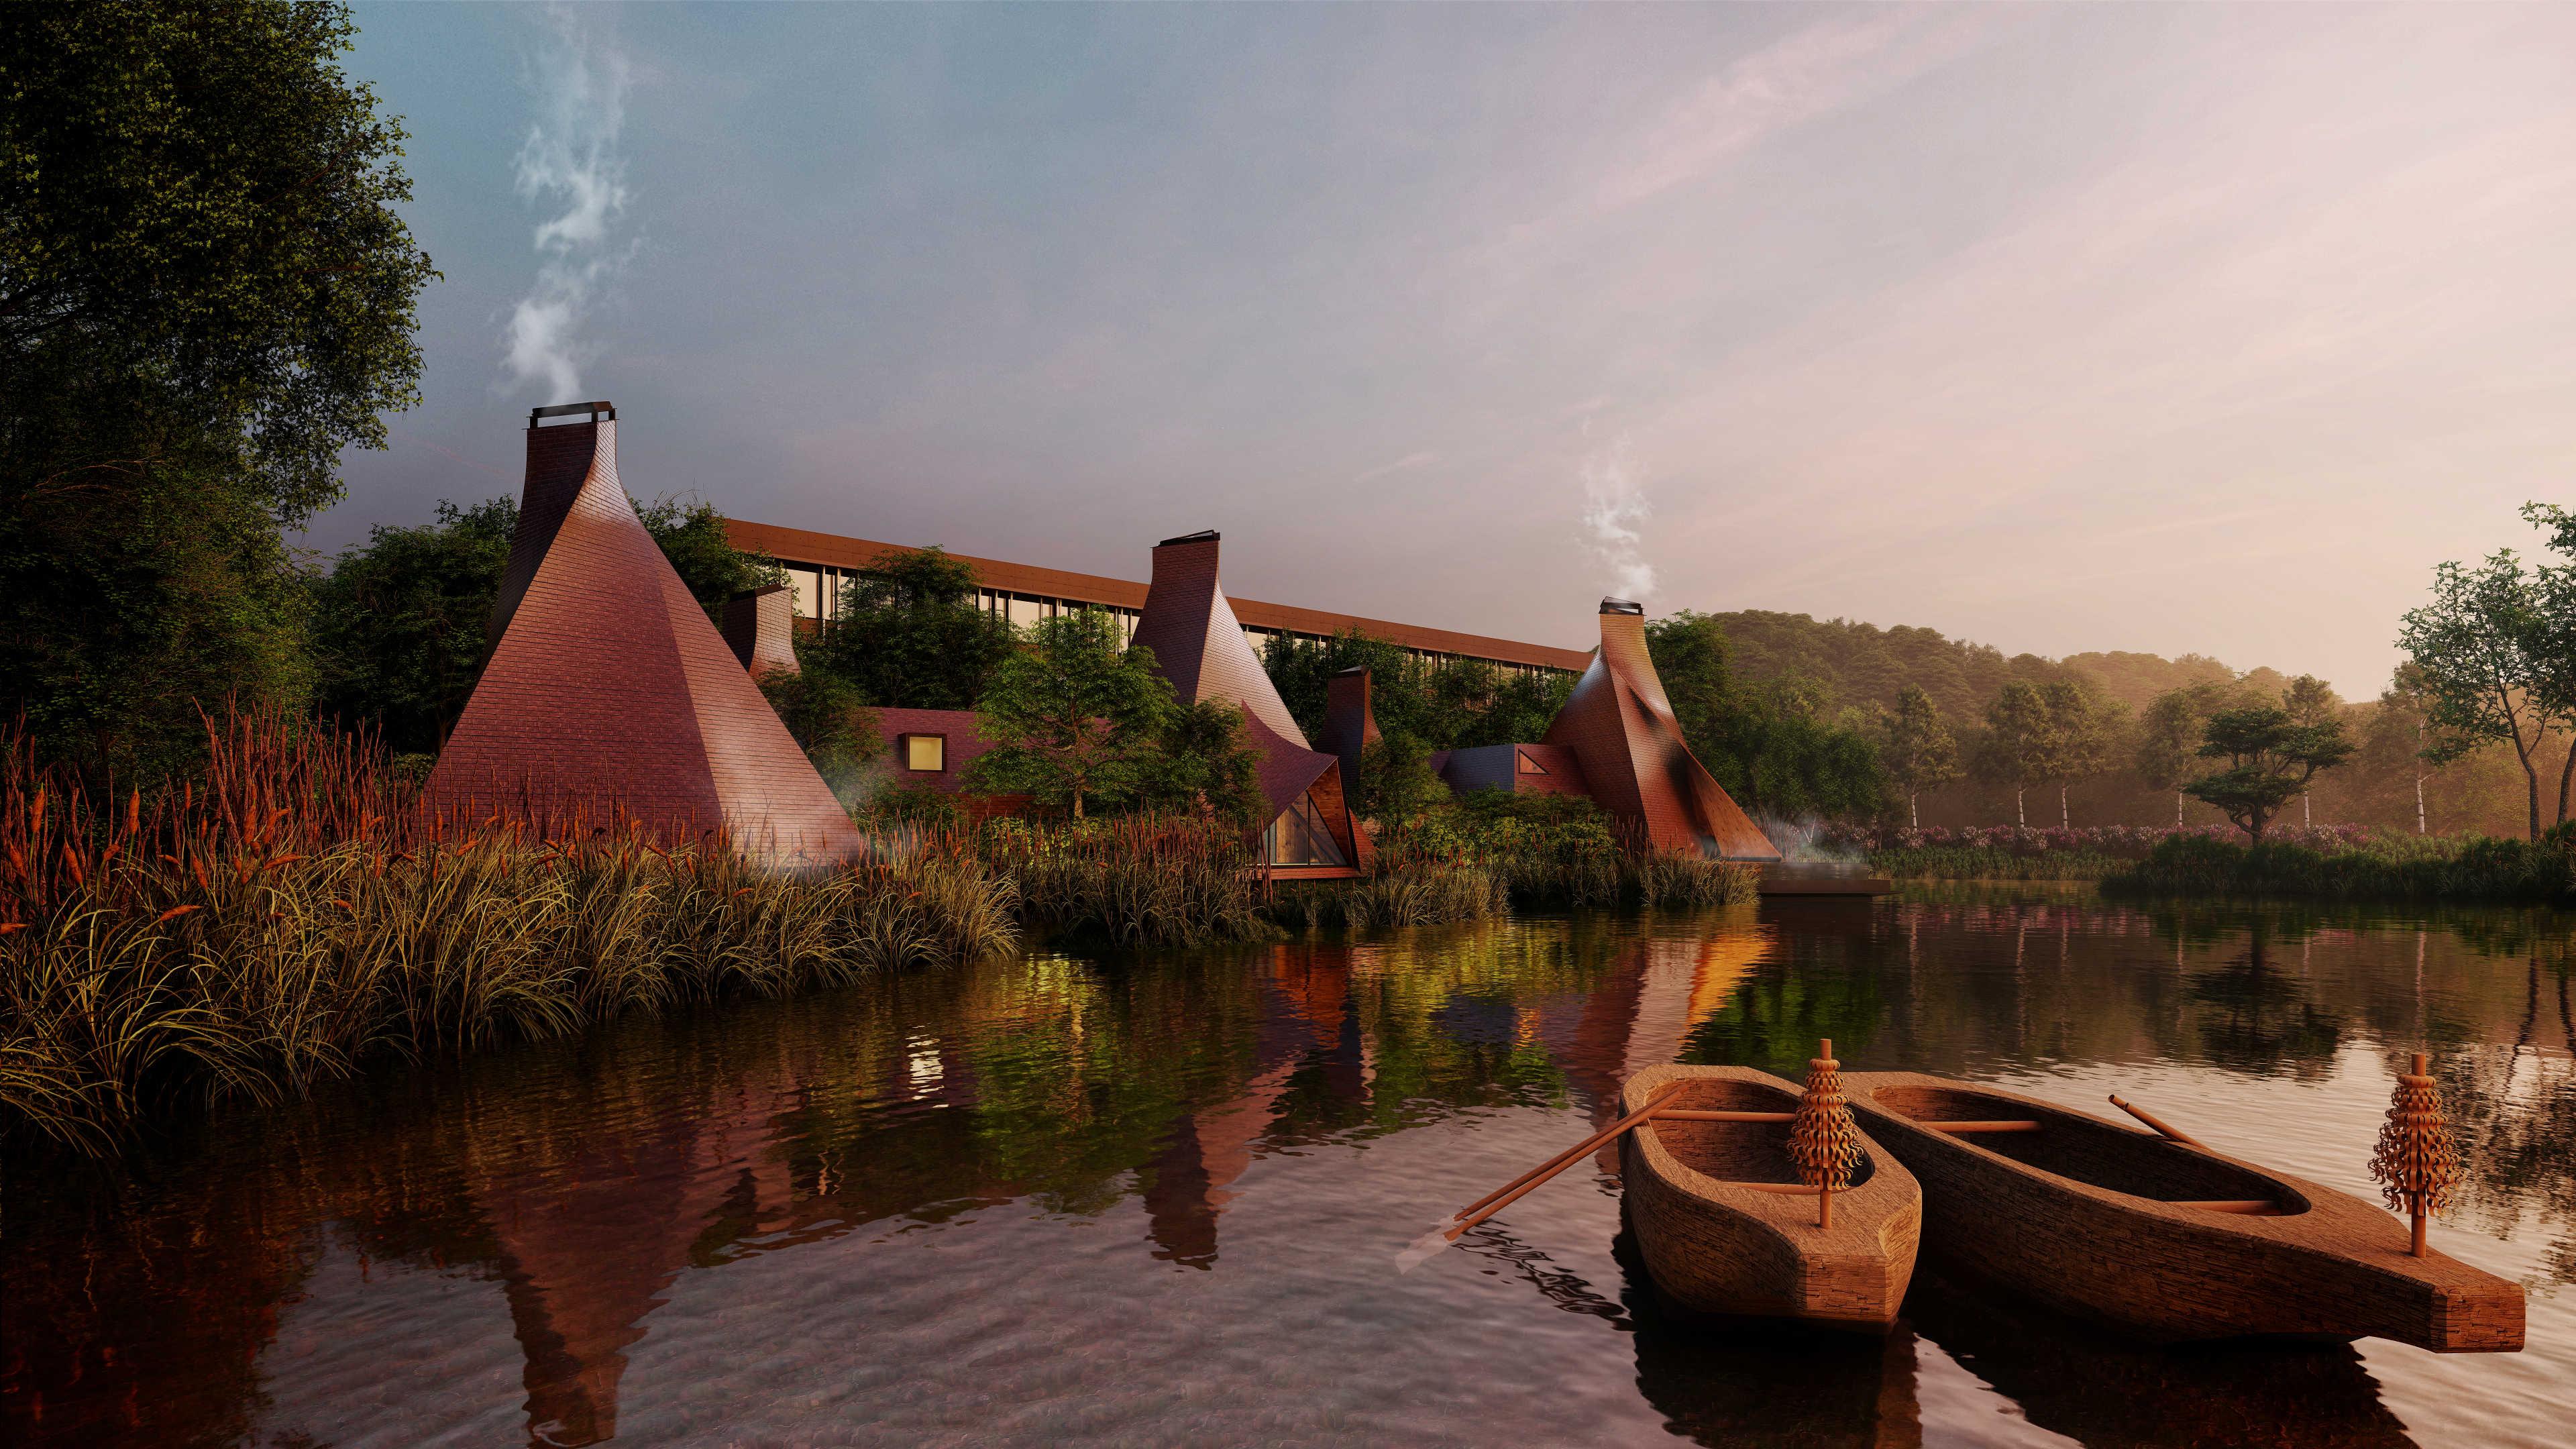 界 ポロト】星野リゾートの温泉旅館ブランド「界」として、2022年1月 ...